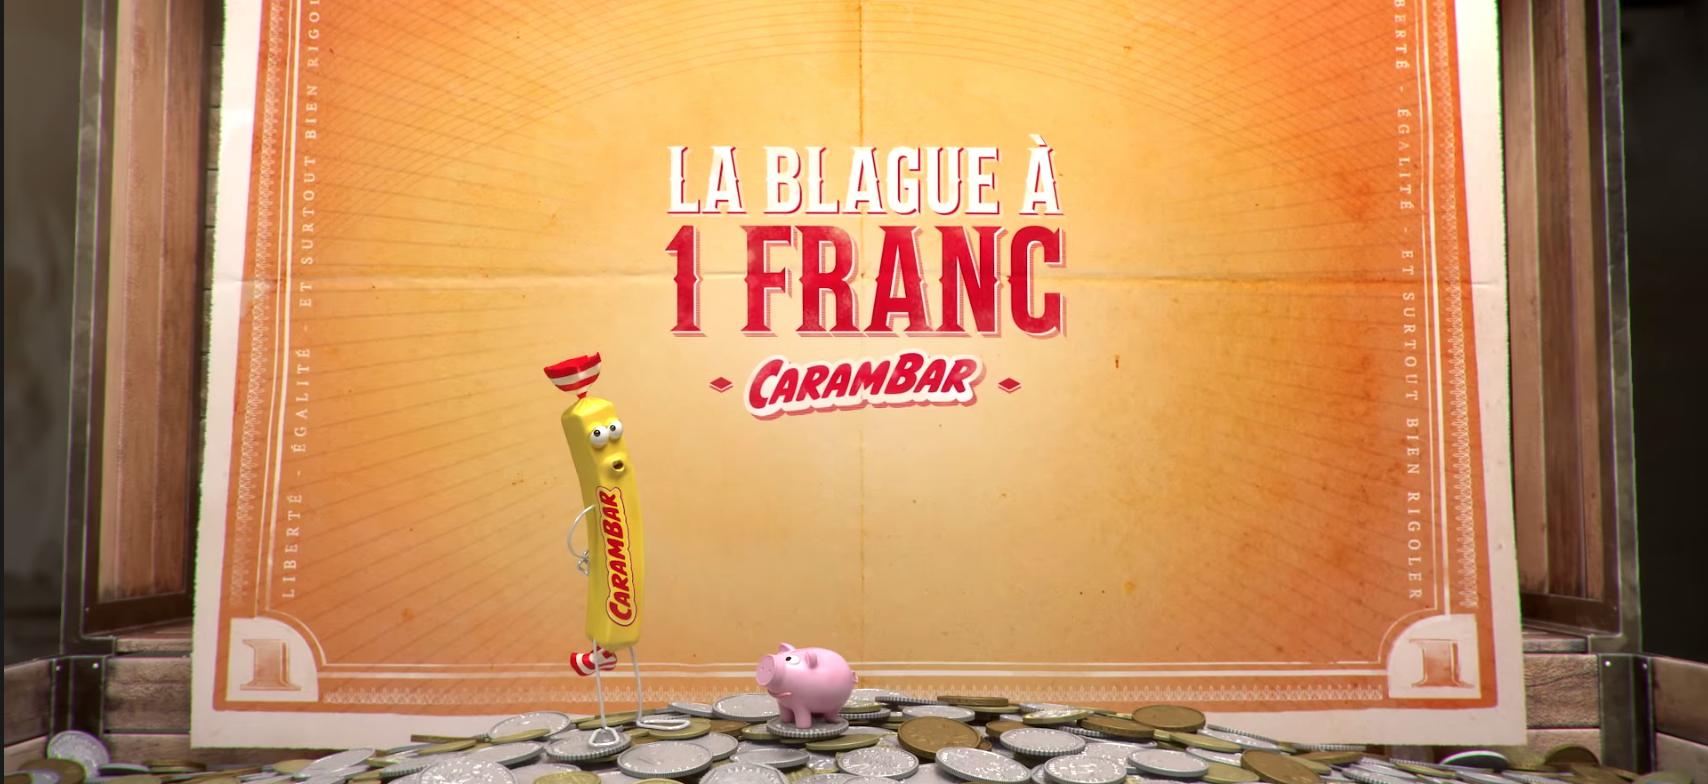 avec l'opération Blague à 1 Franc de Carambar, transformez vos vieilles pièces en carambar et en dons